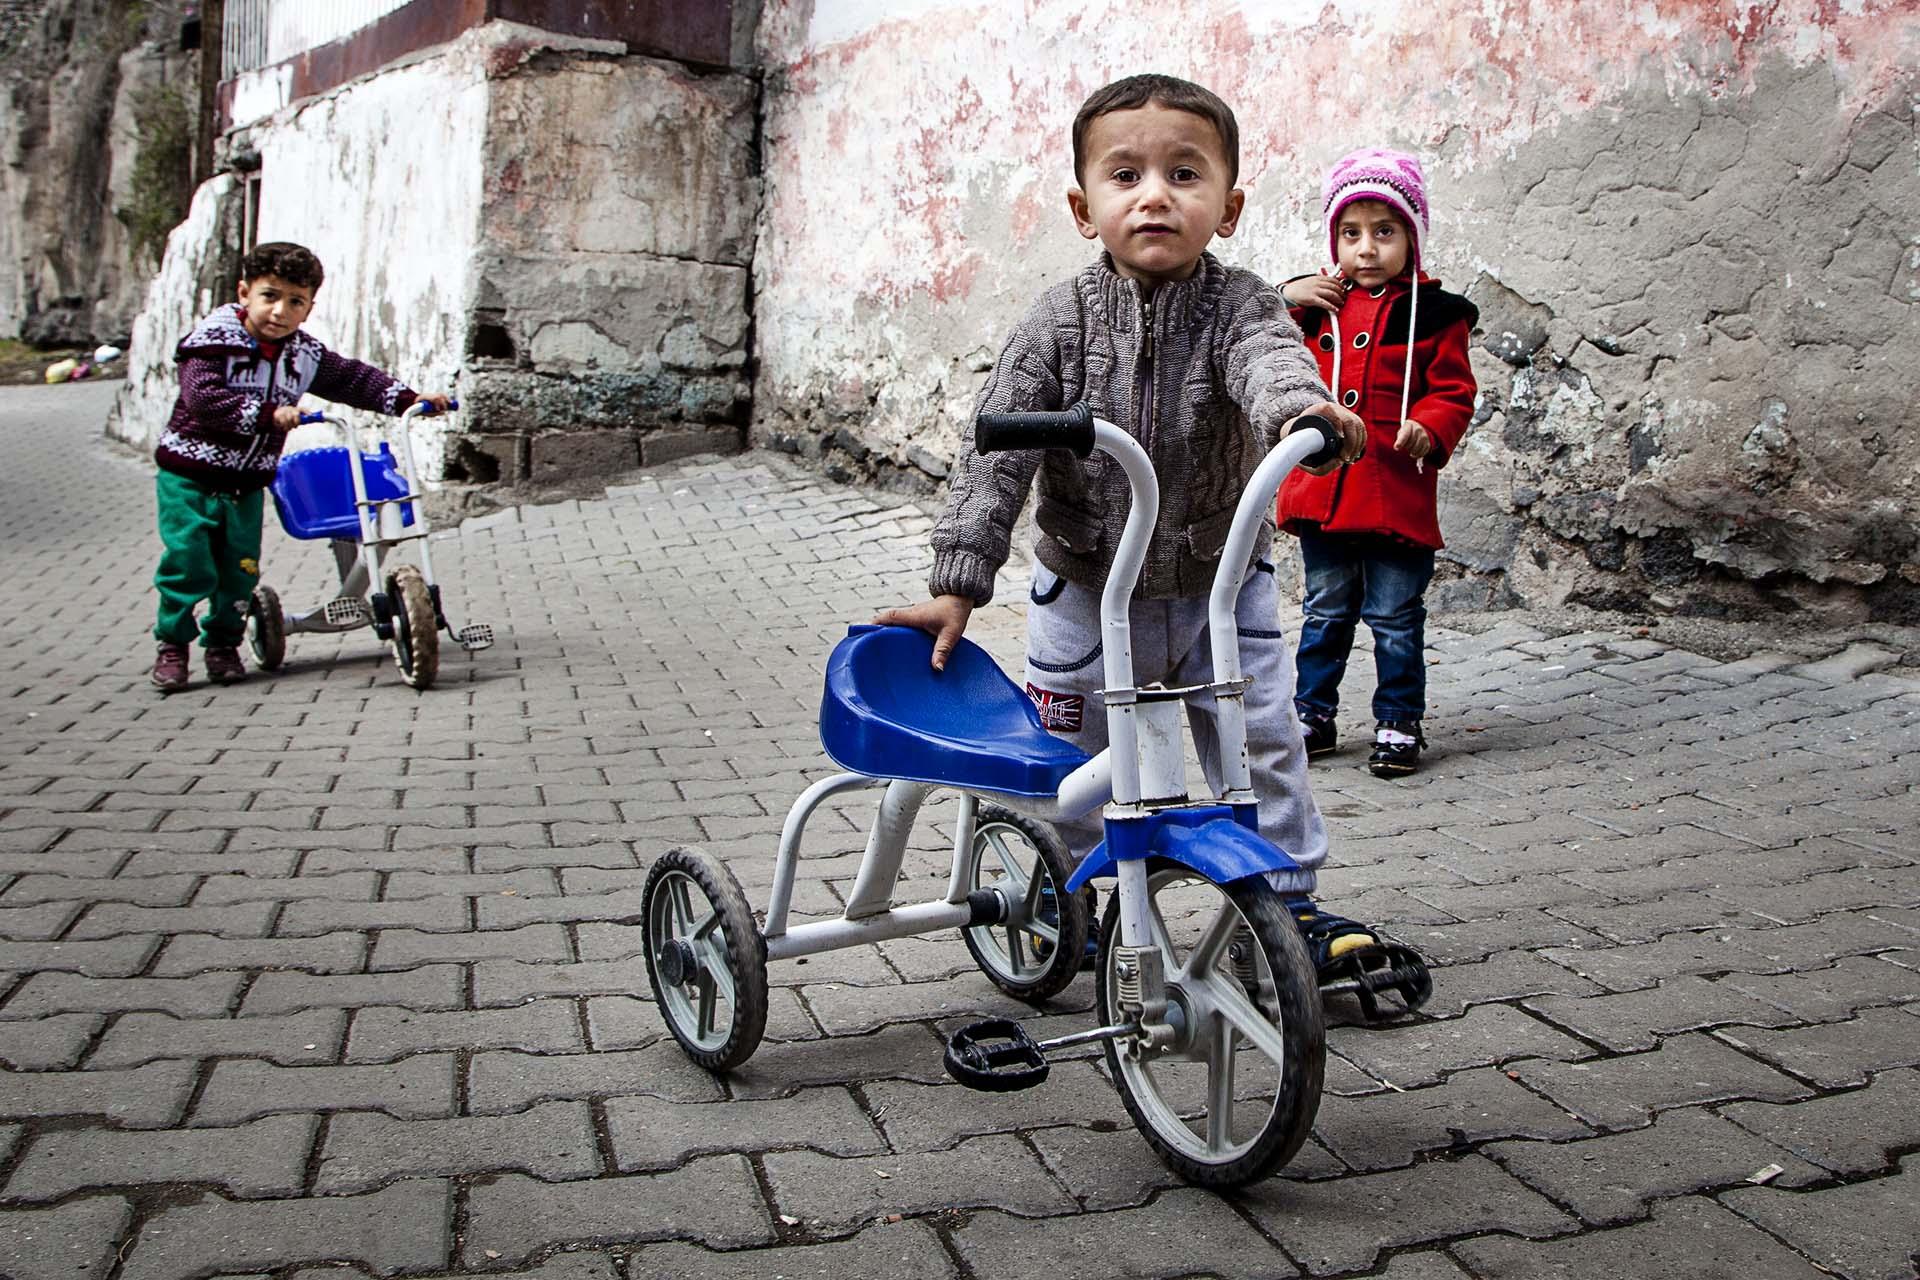 Mas de 3,5 millones de refugiados (la mayoría sirios) viven en Turquía. Tan solo el 10% en campos habilitados.